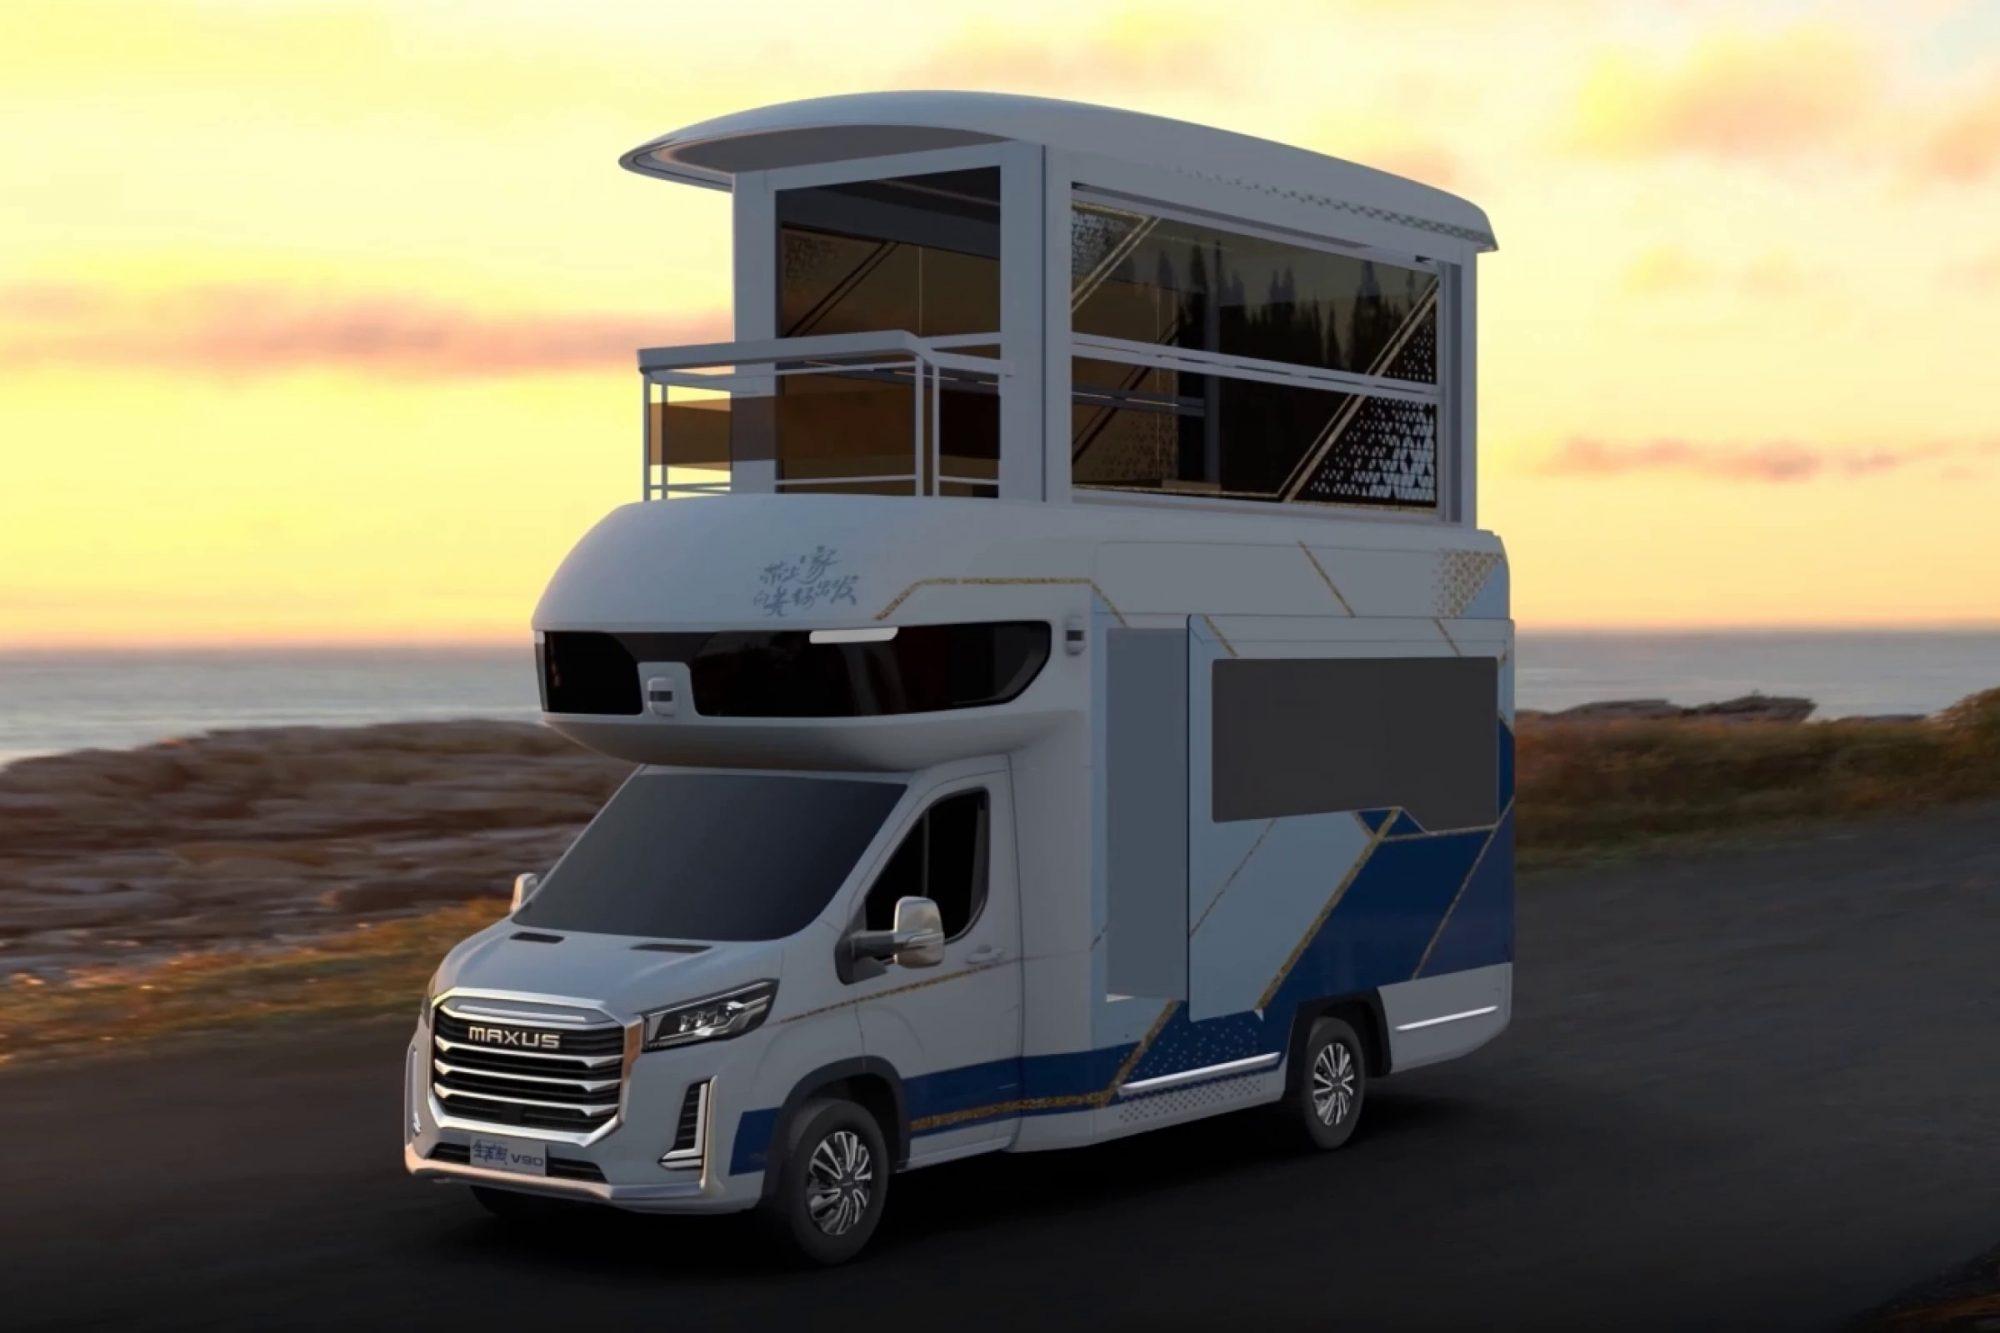 Ce camping-car à deux étages est livré avec un ascenseur